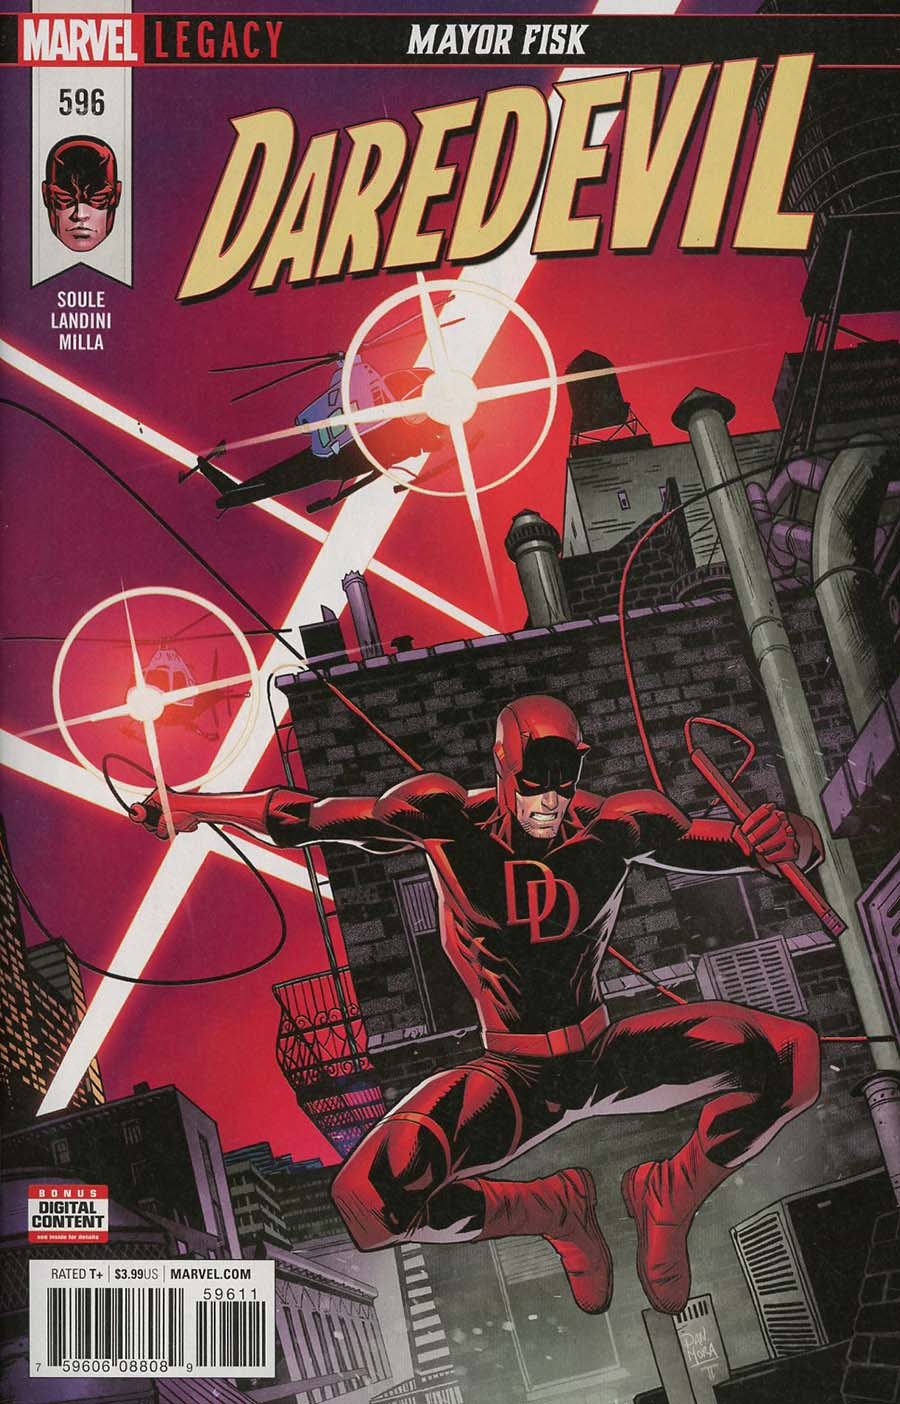 Daredevil Vol 5 #596 Cover A 1st Ptg Regular Dan Mora Cover (Marvel Legacy Tie-In)